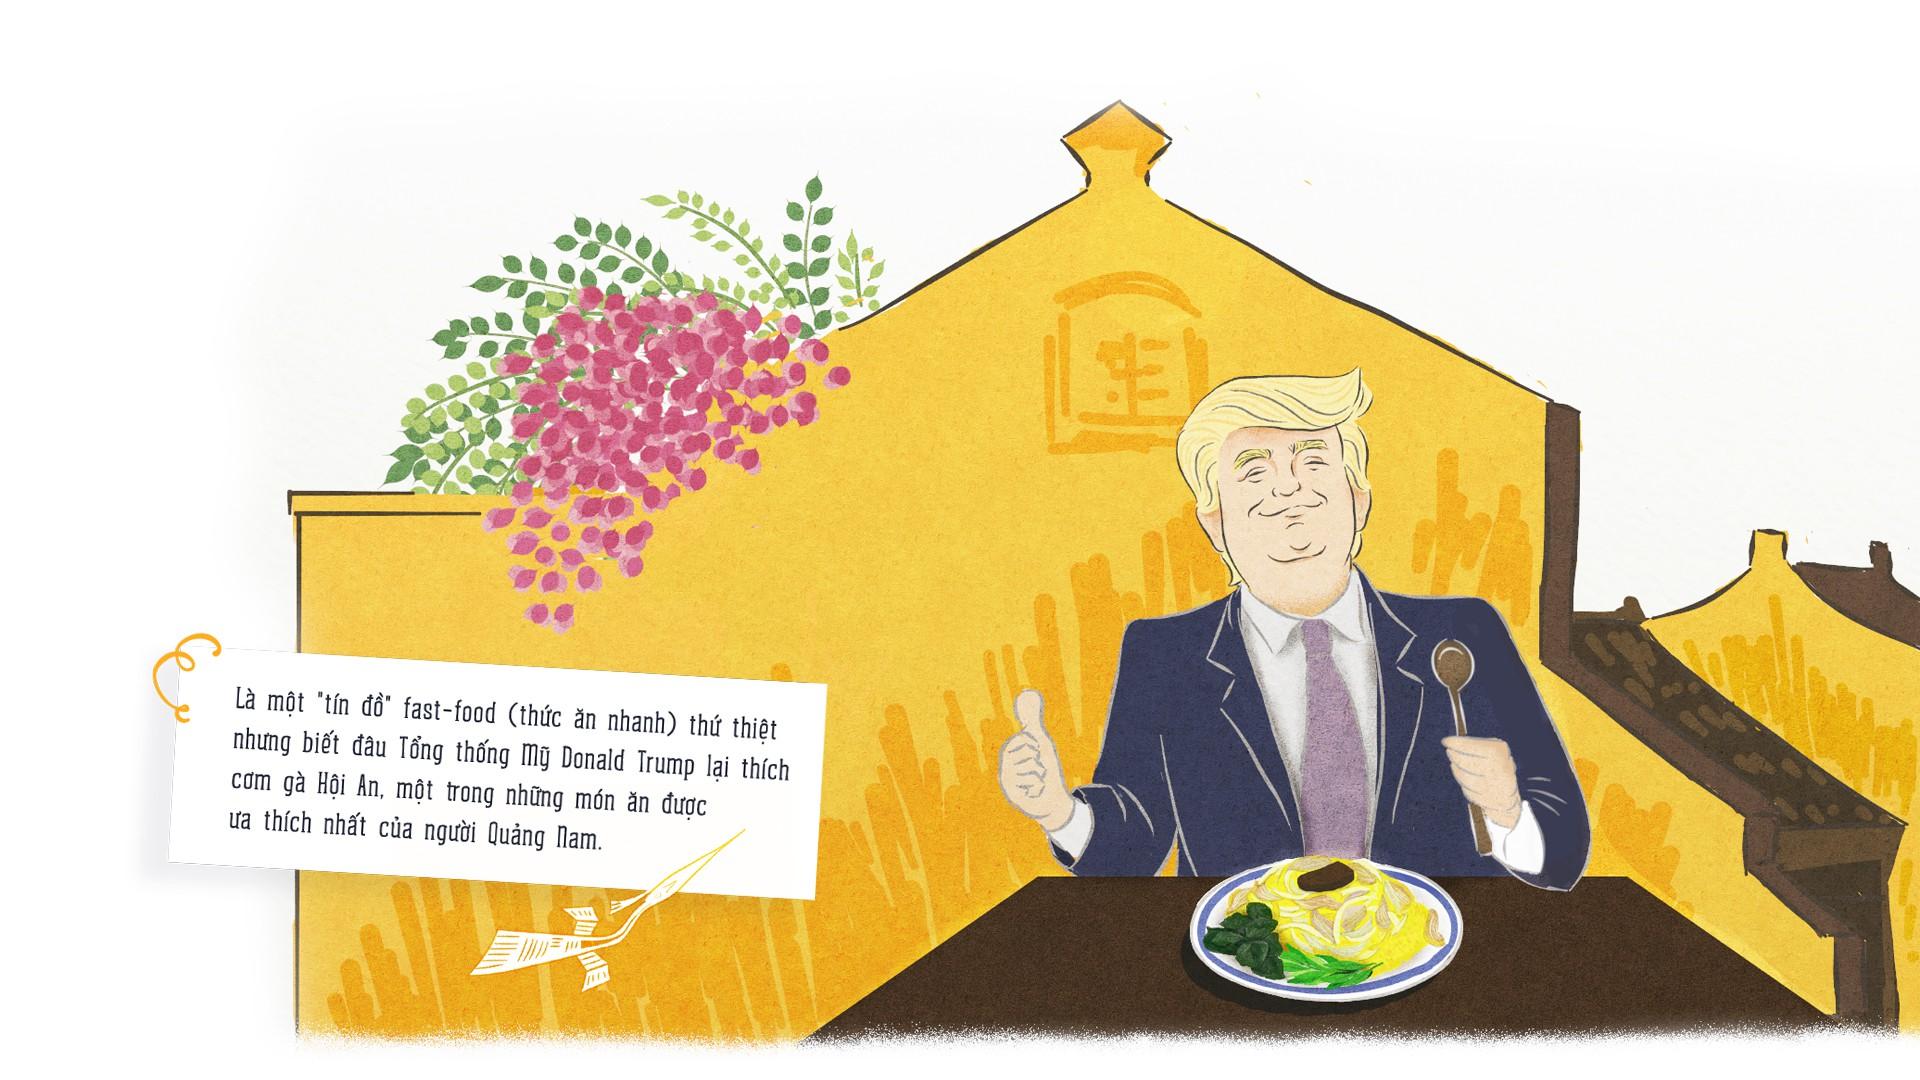 APEC du ký: Ông Putin sẽ chơi dù lượn, ông Trump sẽ thưởng thức cơm gà Hội An? - Ảnh 4.